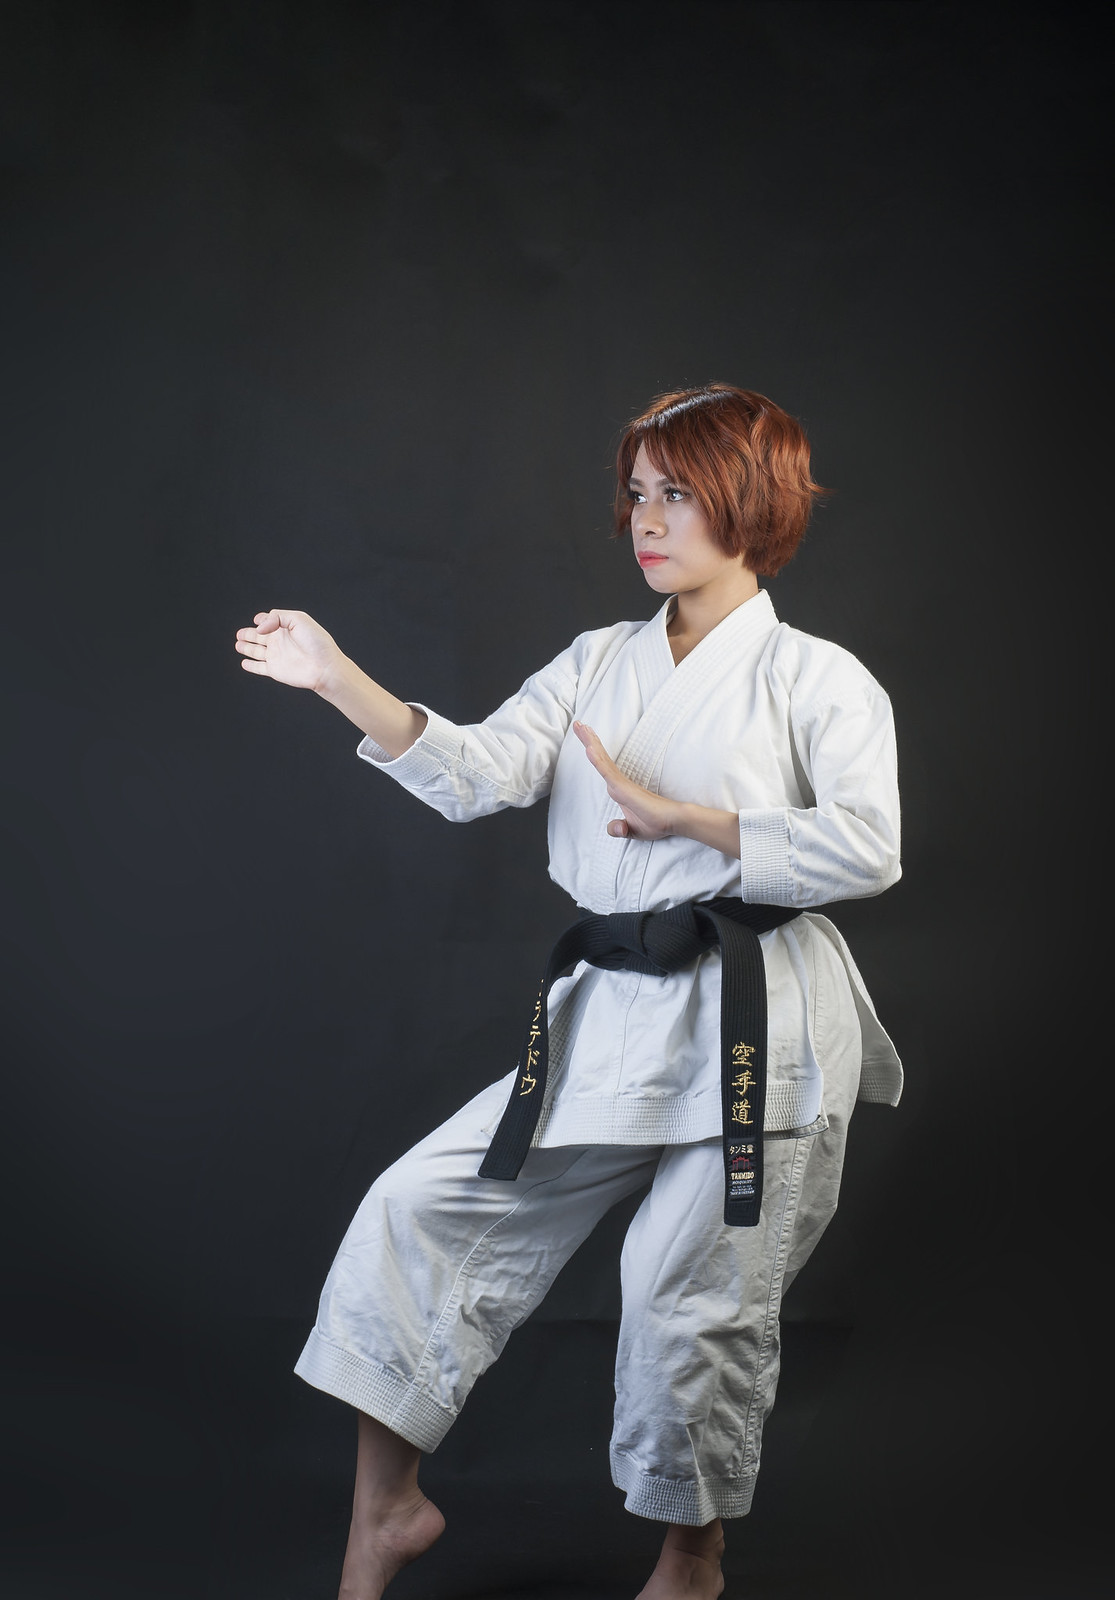 42931007832 baf5e2bf58 h - Bộ ảnh võ thuật Karate Girl phiên bản Việt